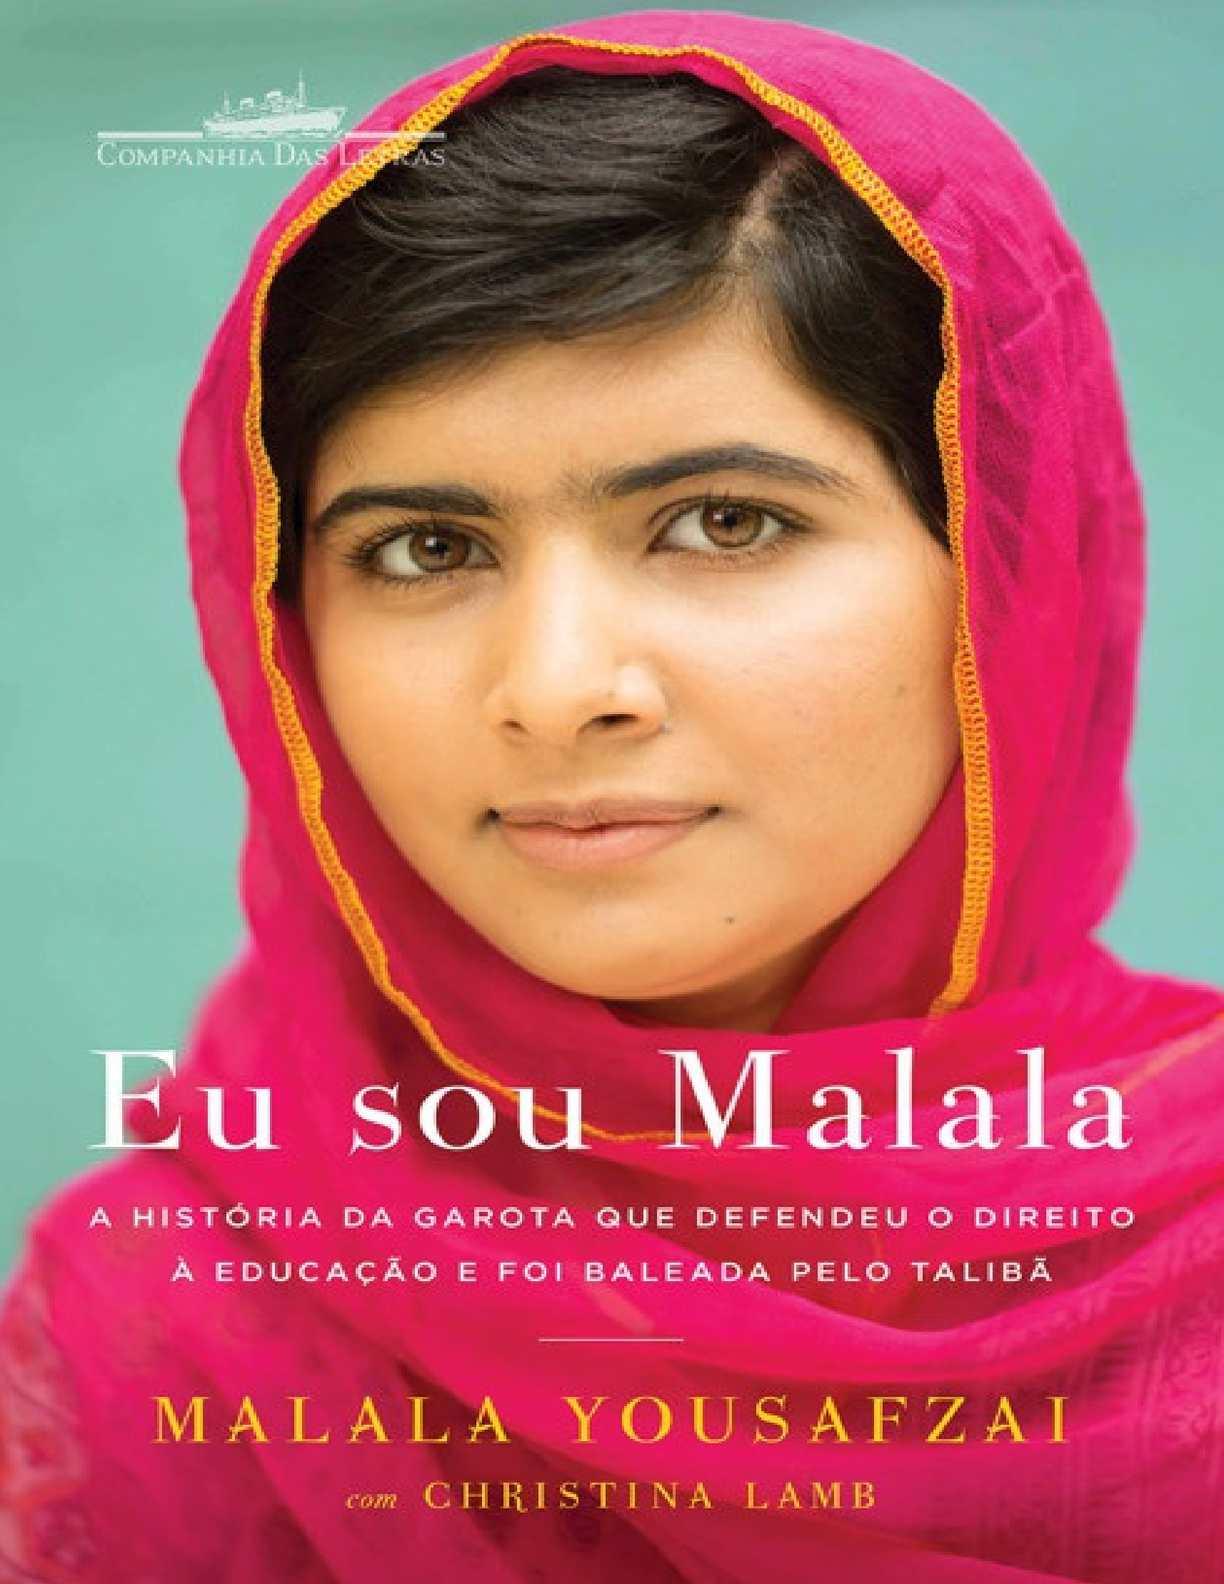 fa313e75e37 Calaméo - Eu Sou Malala - Malala Yousafzai